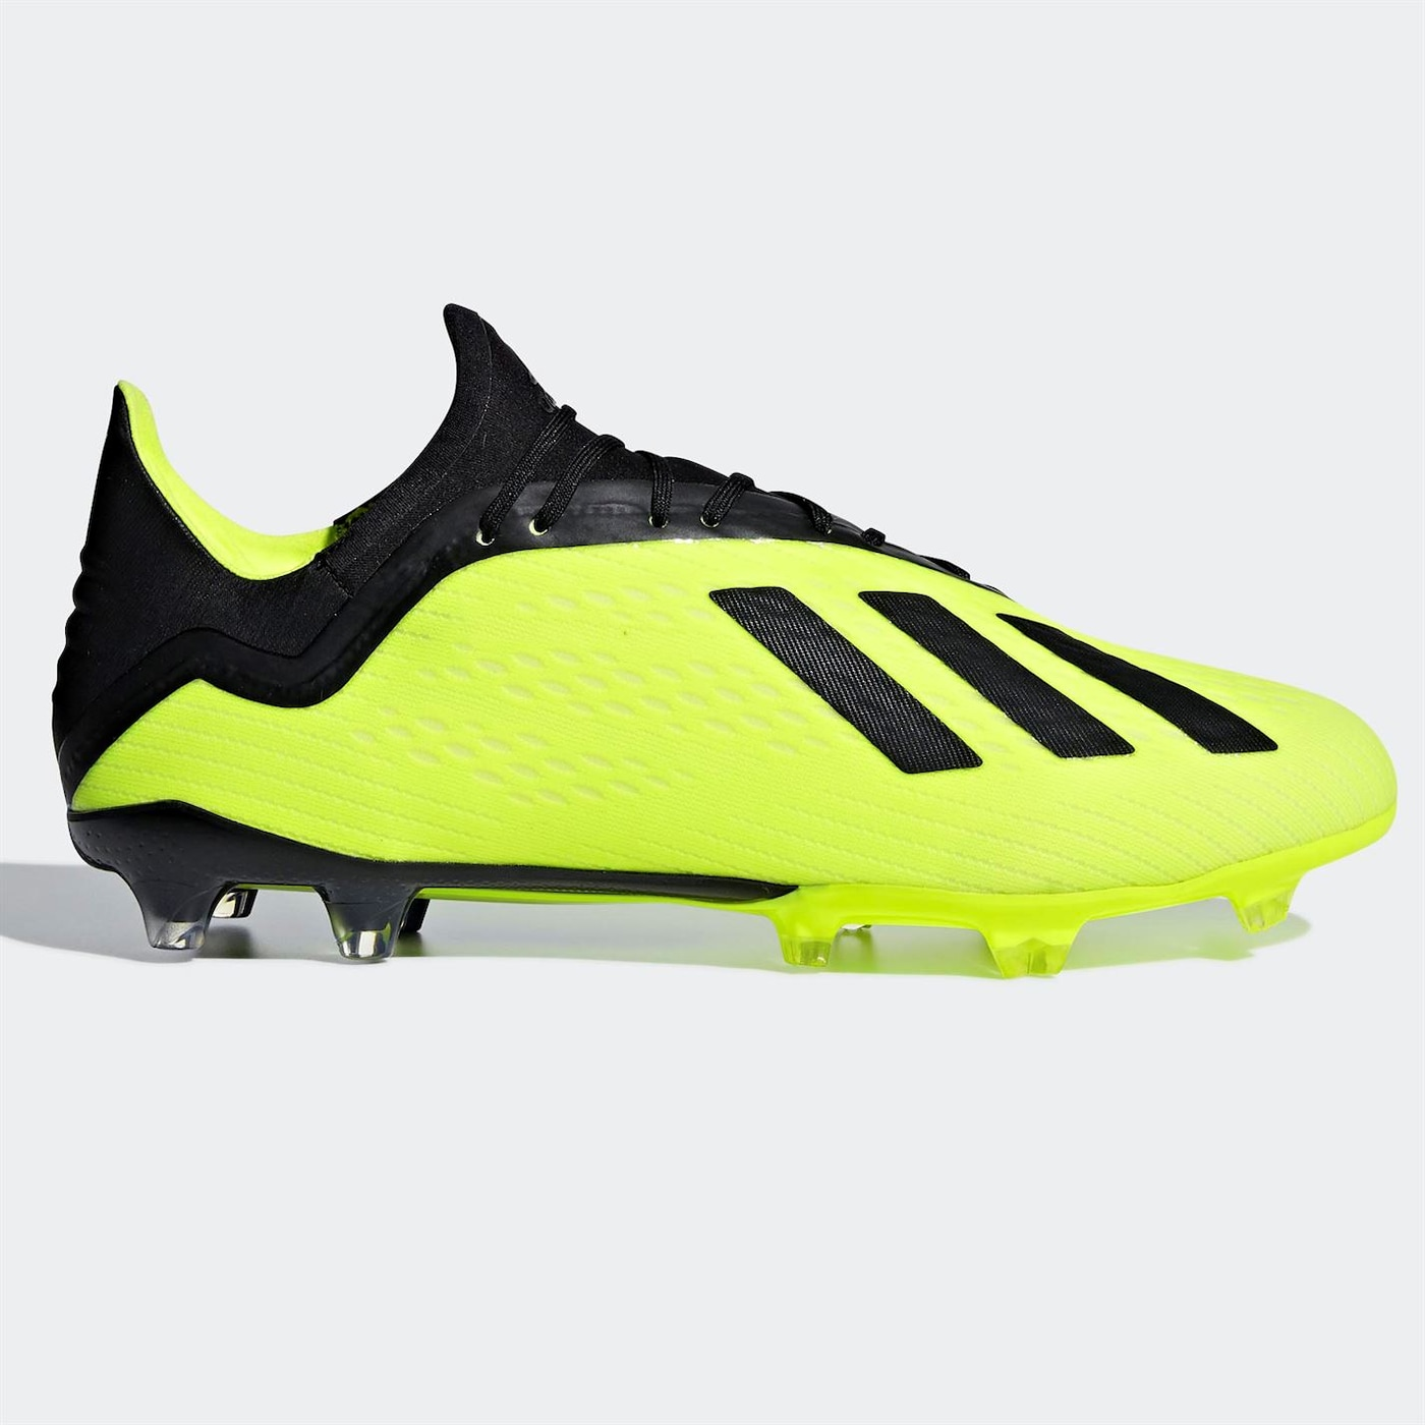 kopačky adidas X 15.2 FG pánské